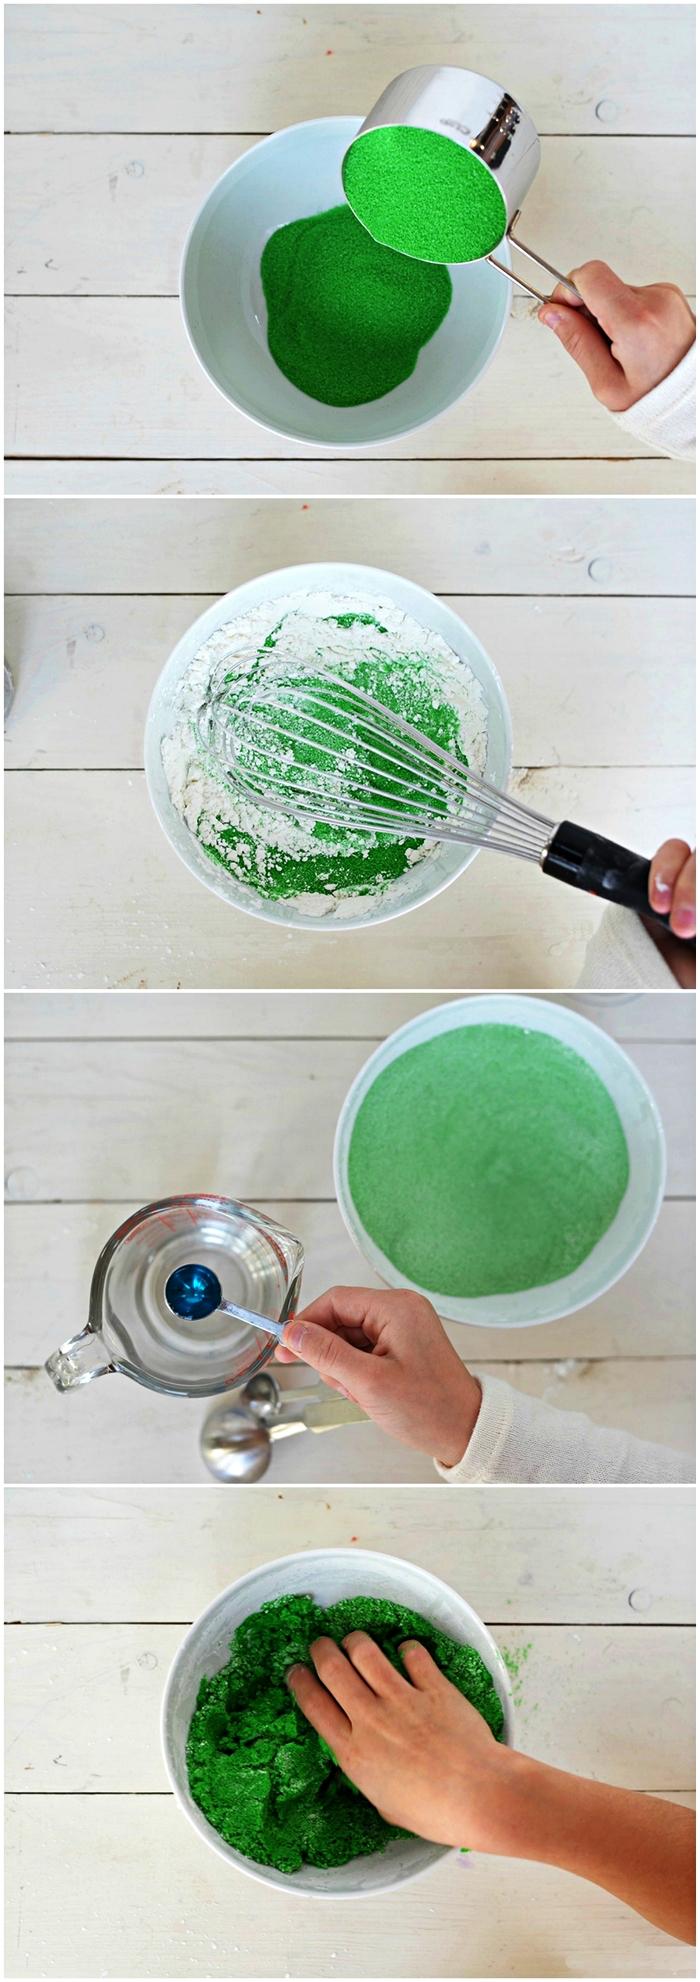 recette facile pour fabriquer du sable magique, sable cinétique fait-maison pour des activités sensorielles